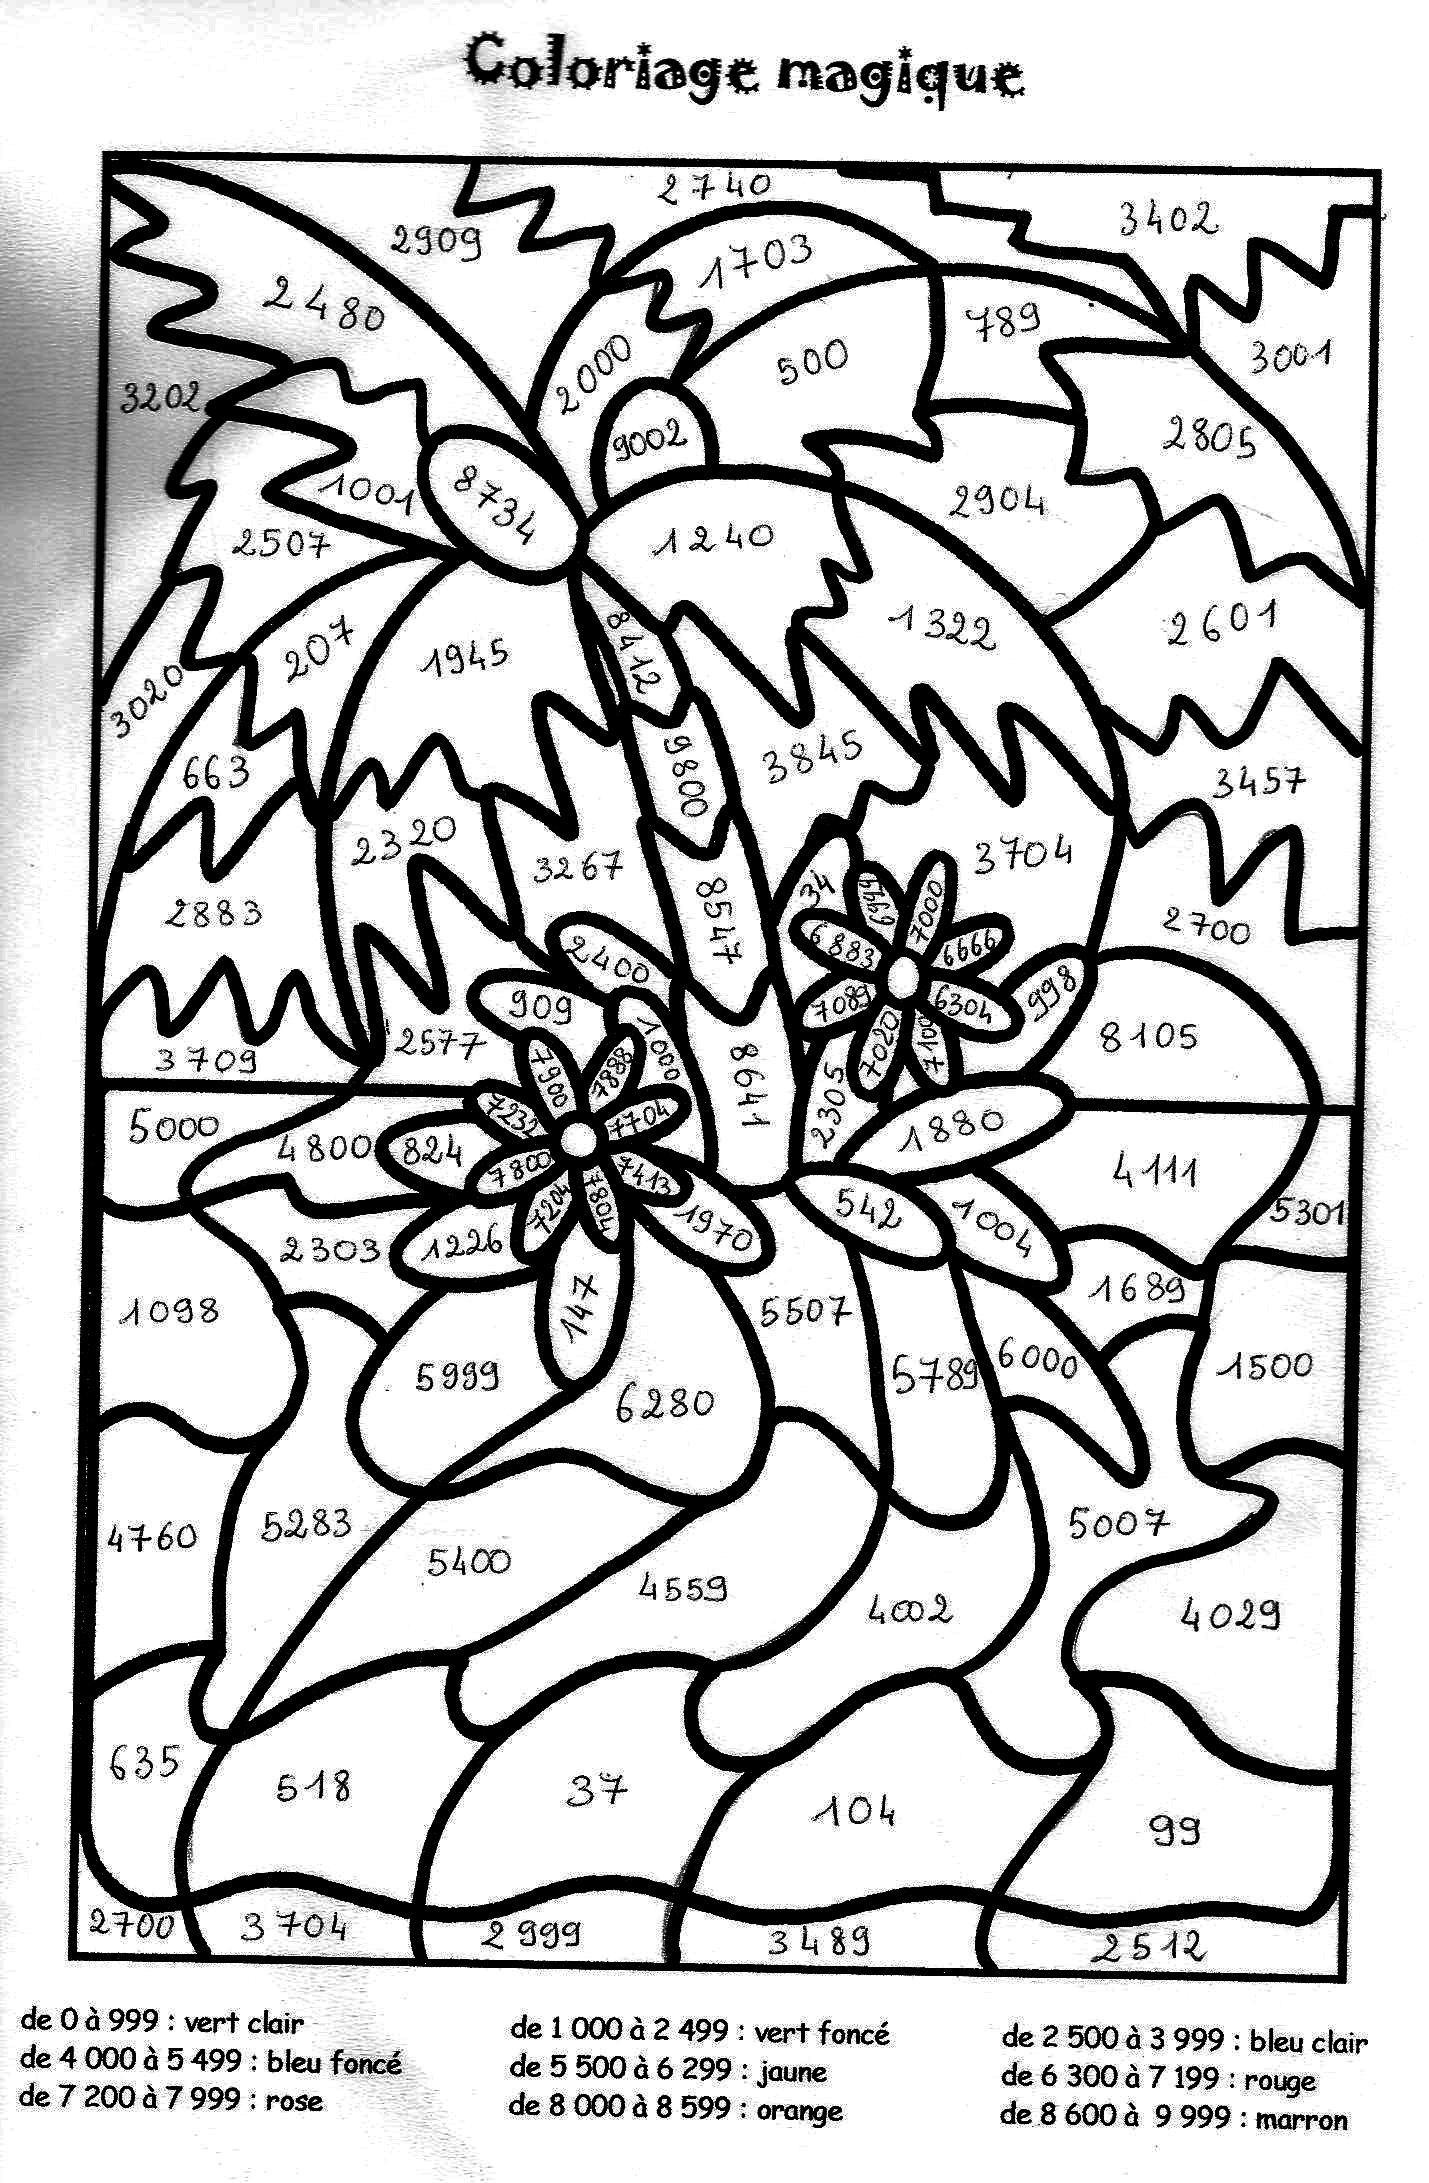 Coloriage Magique Cm2 À Colorier - Dessin À Imprimer pour Jeux Gratuit De Dessin A Colorier